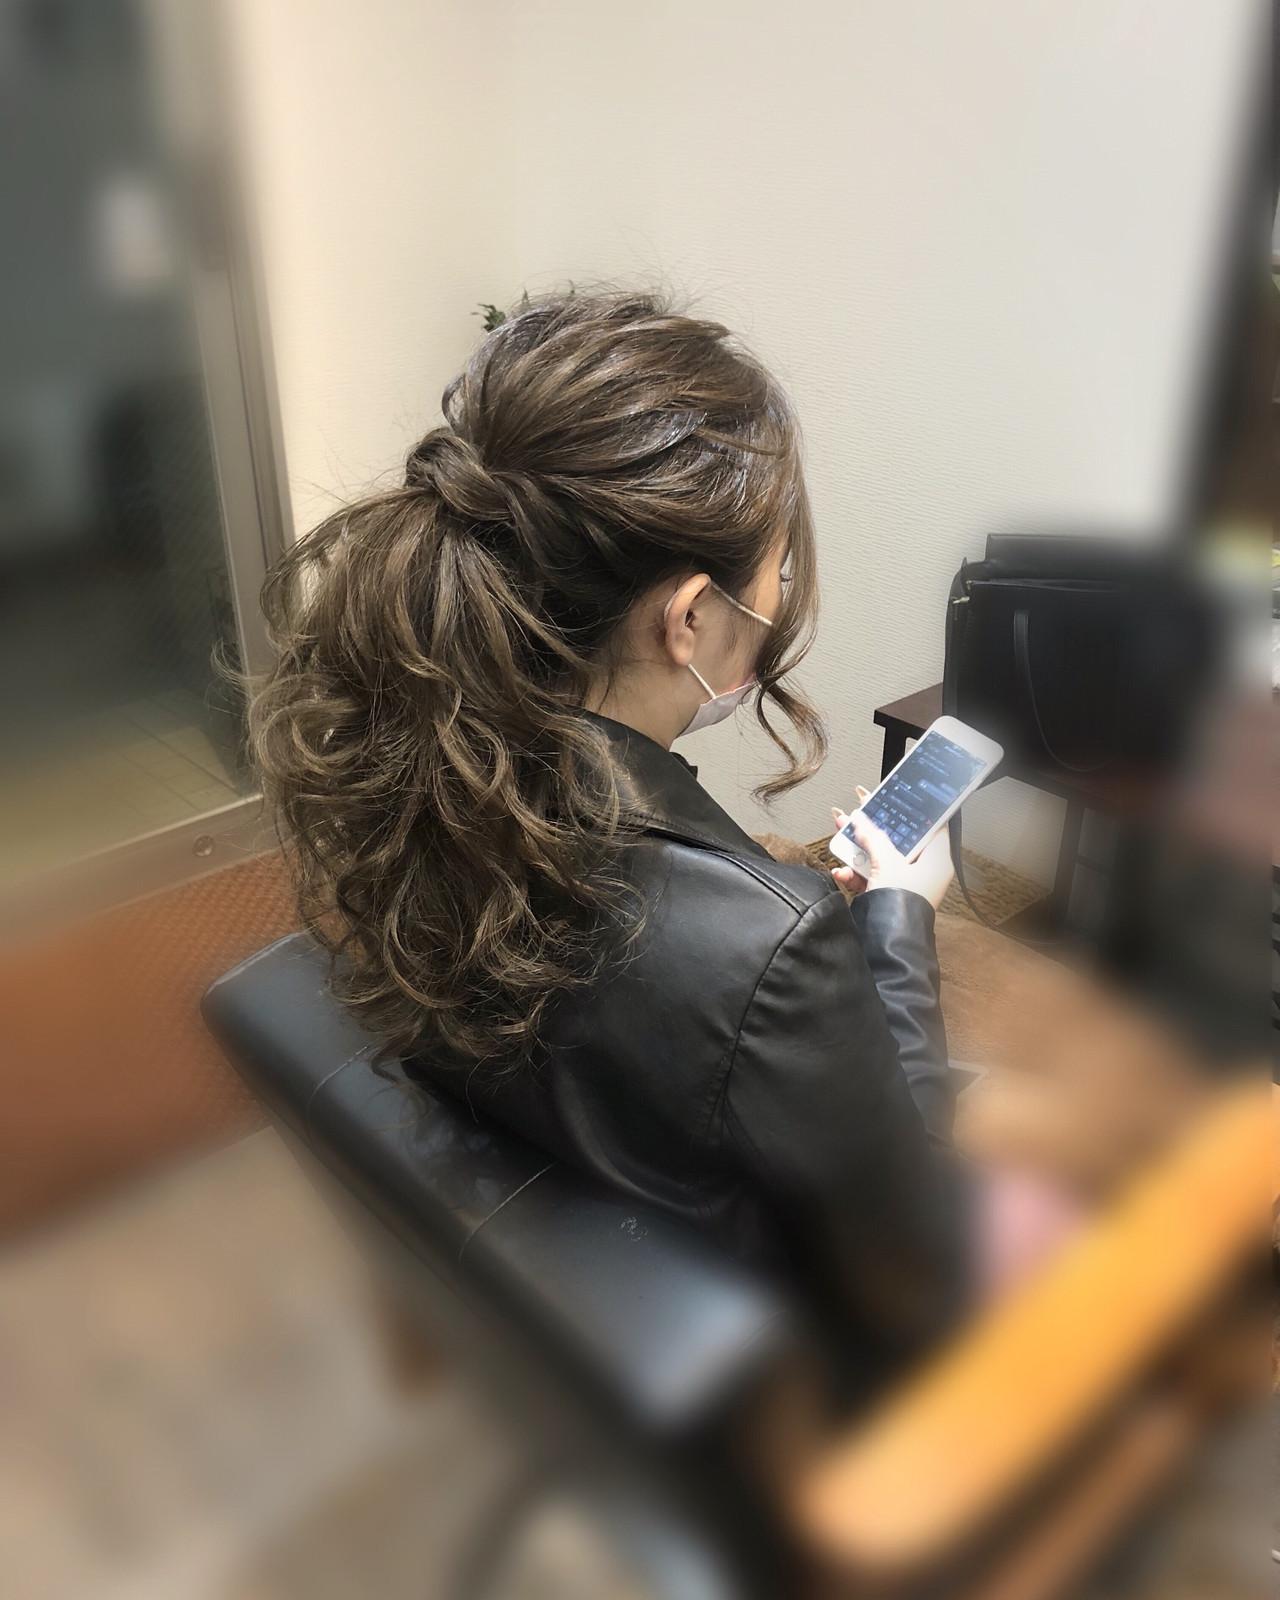 ヘアアレンジ ヘアセット ポニーテールアレンジ ねじり ヘアスタイルや髪型の写真・画像